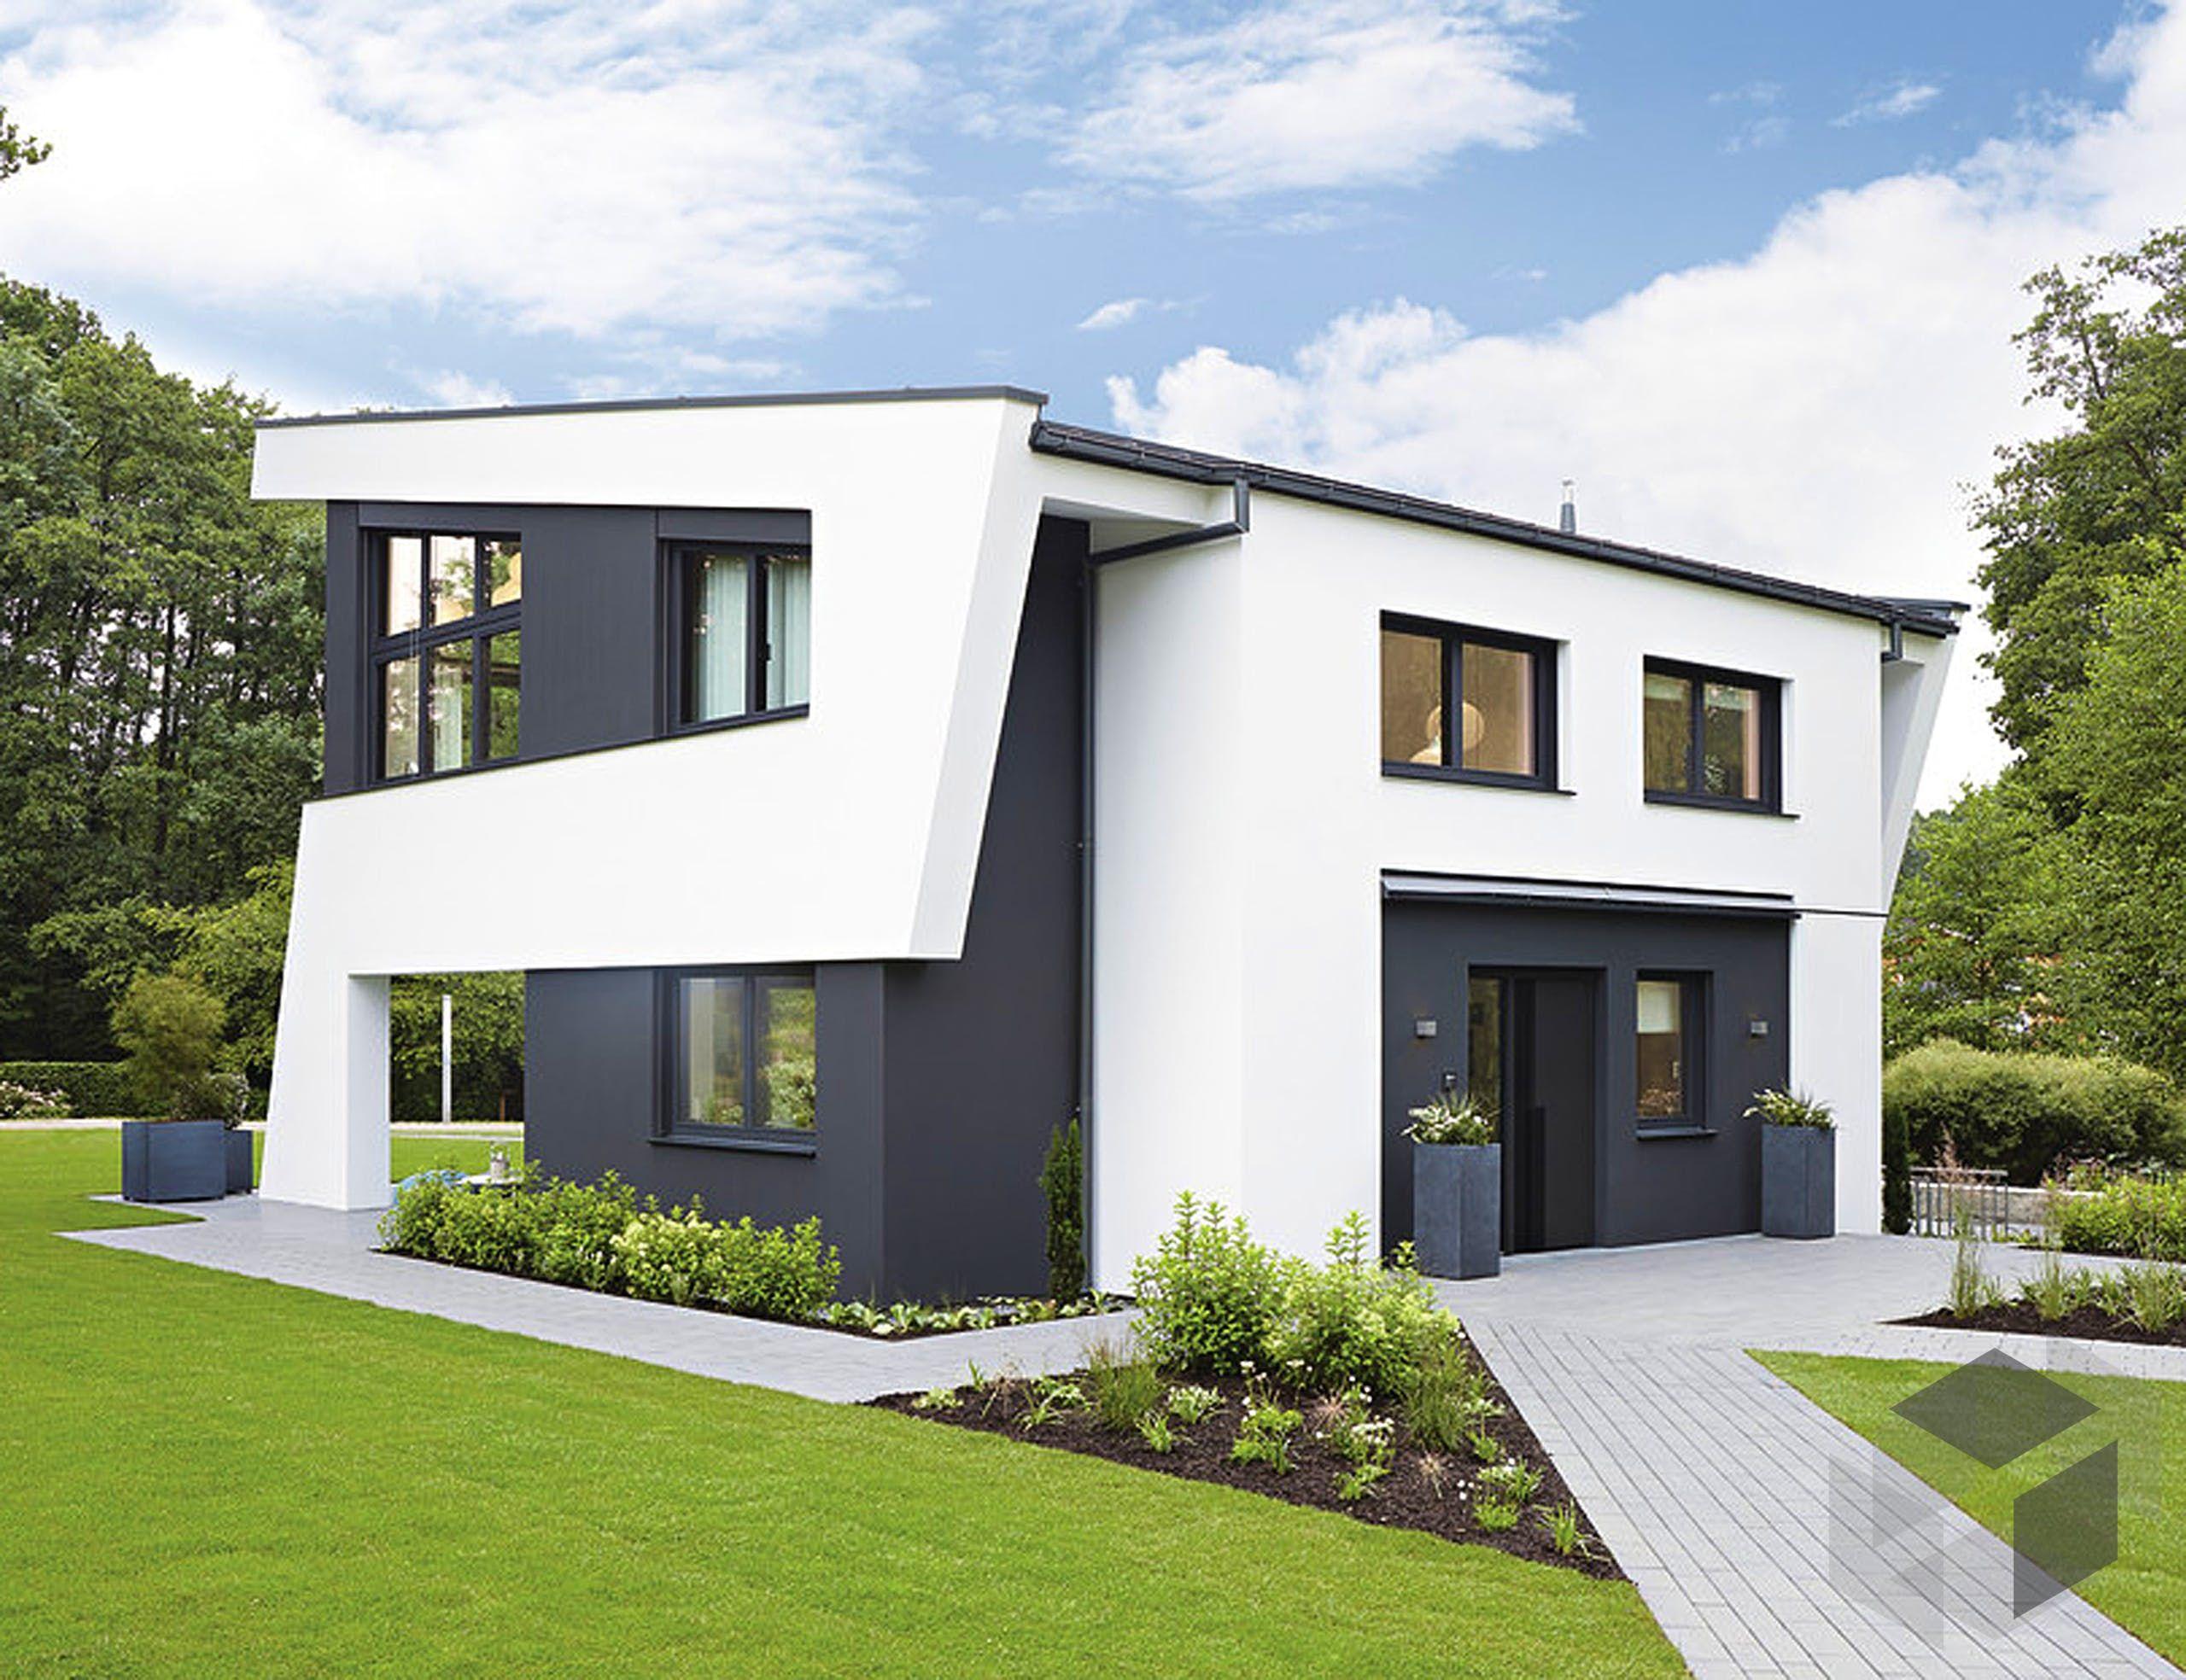 Pultdachhaus von WeberHaus Alle Infos zum Haus mit einen